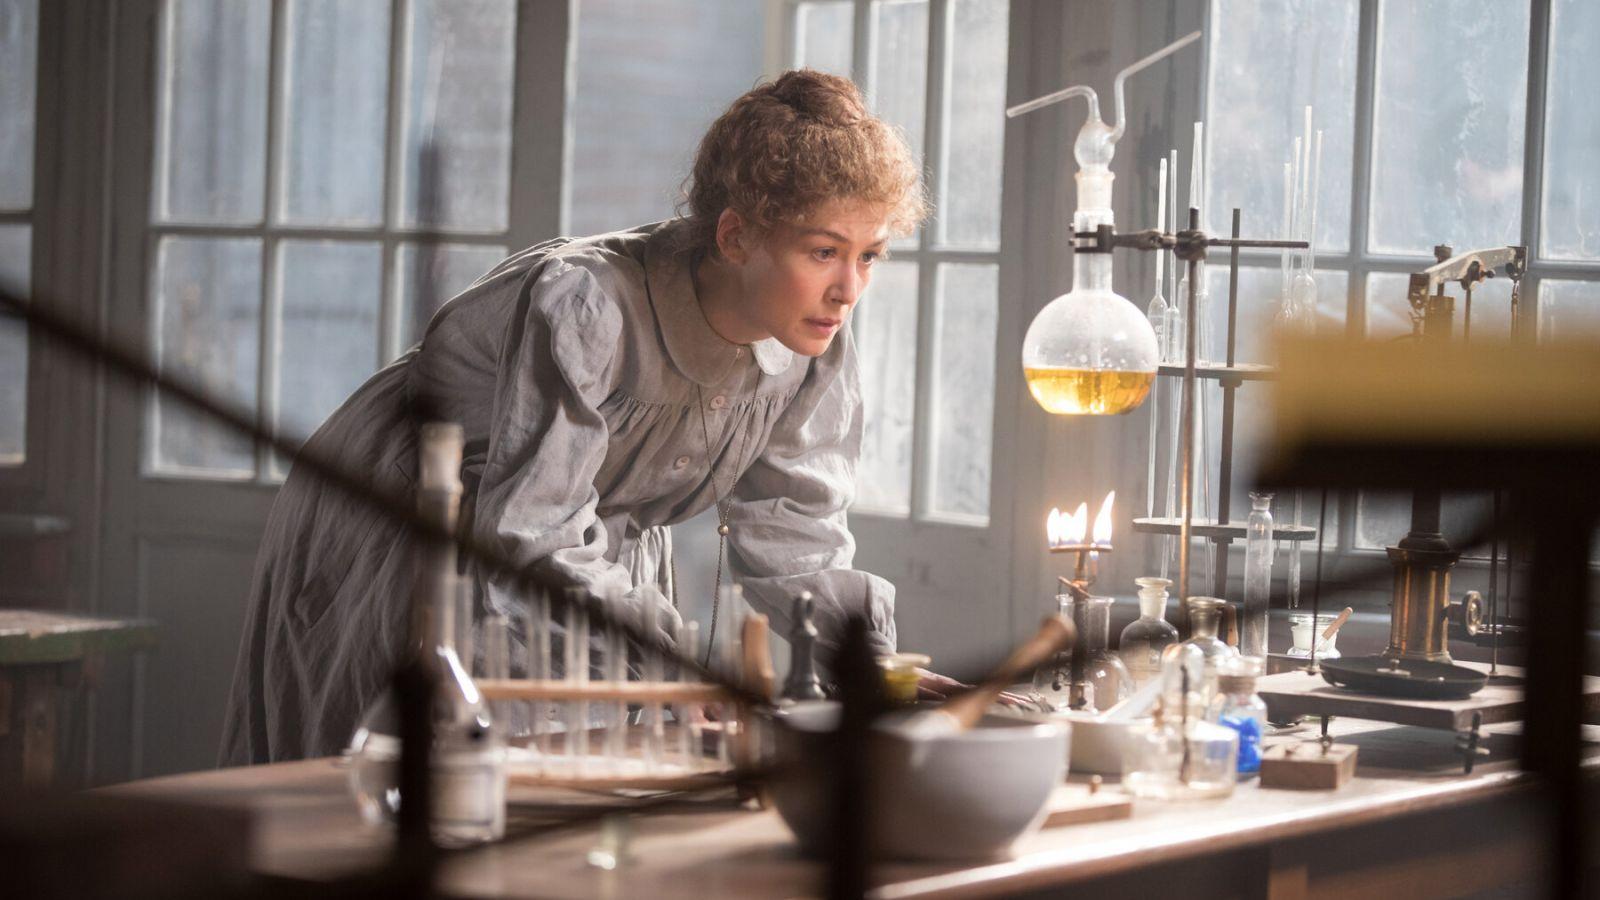 Διεθνής Ημέρα Γυναικών και Κοριτσιών στην Επιστήμη: Οι γυναίκες που αλλάζουν τον κόσμο